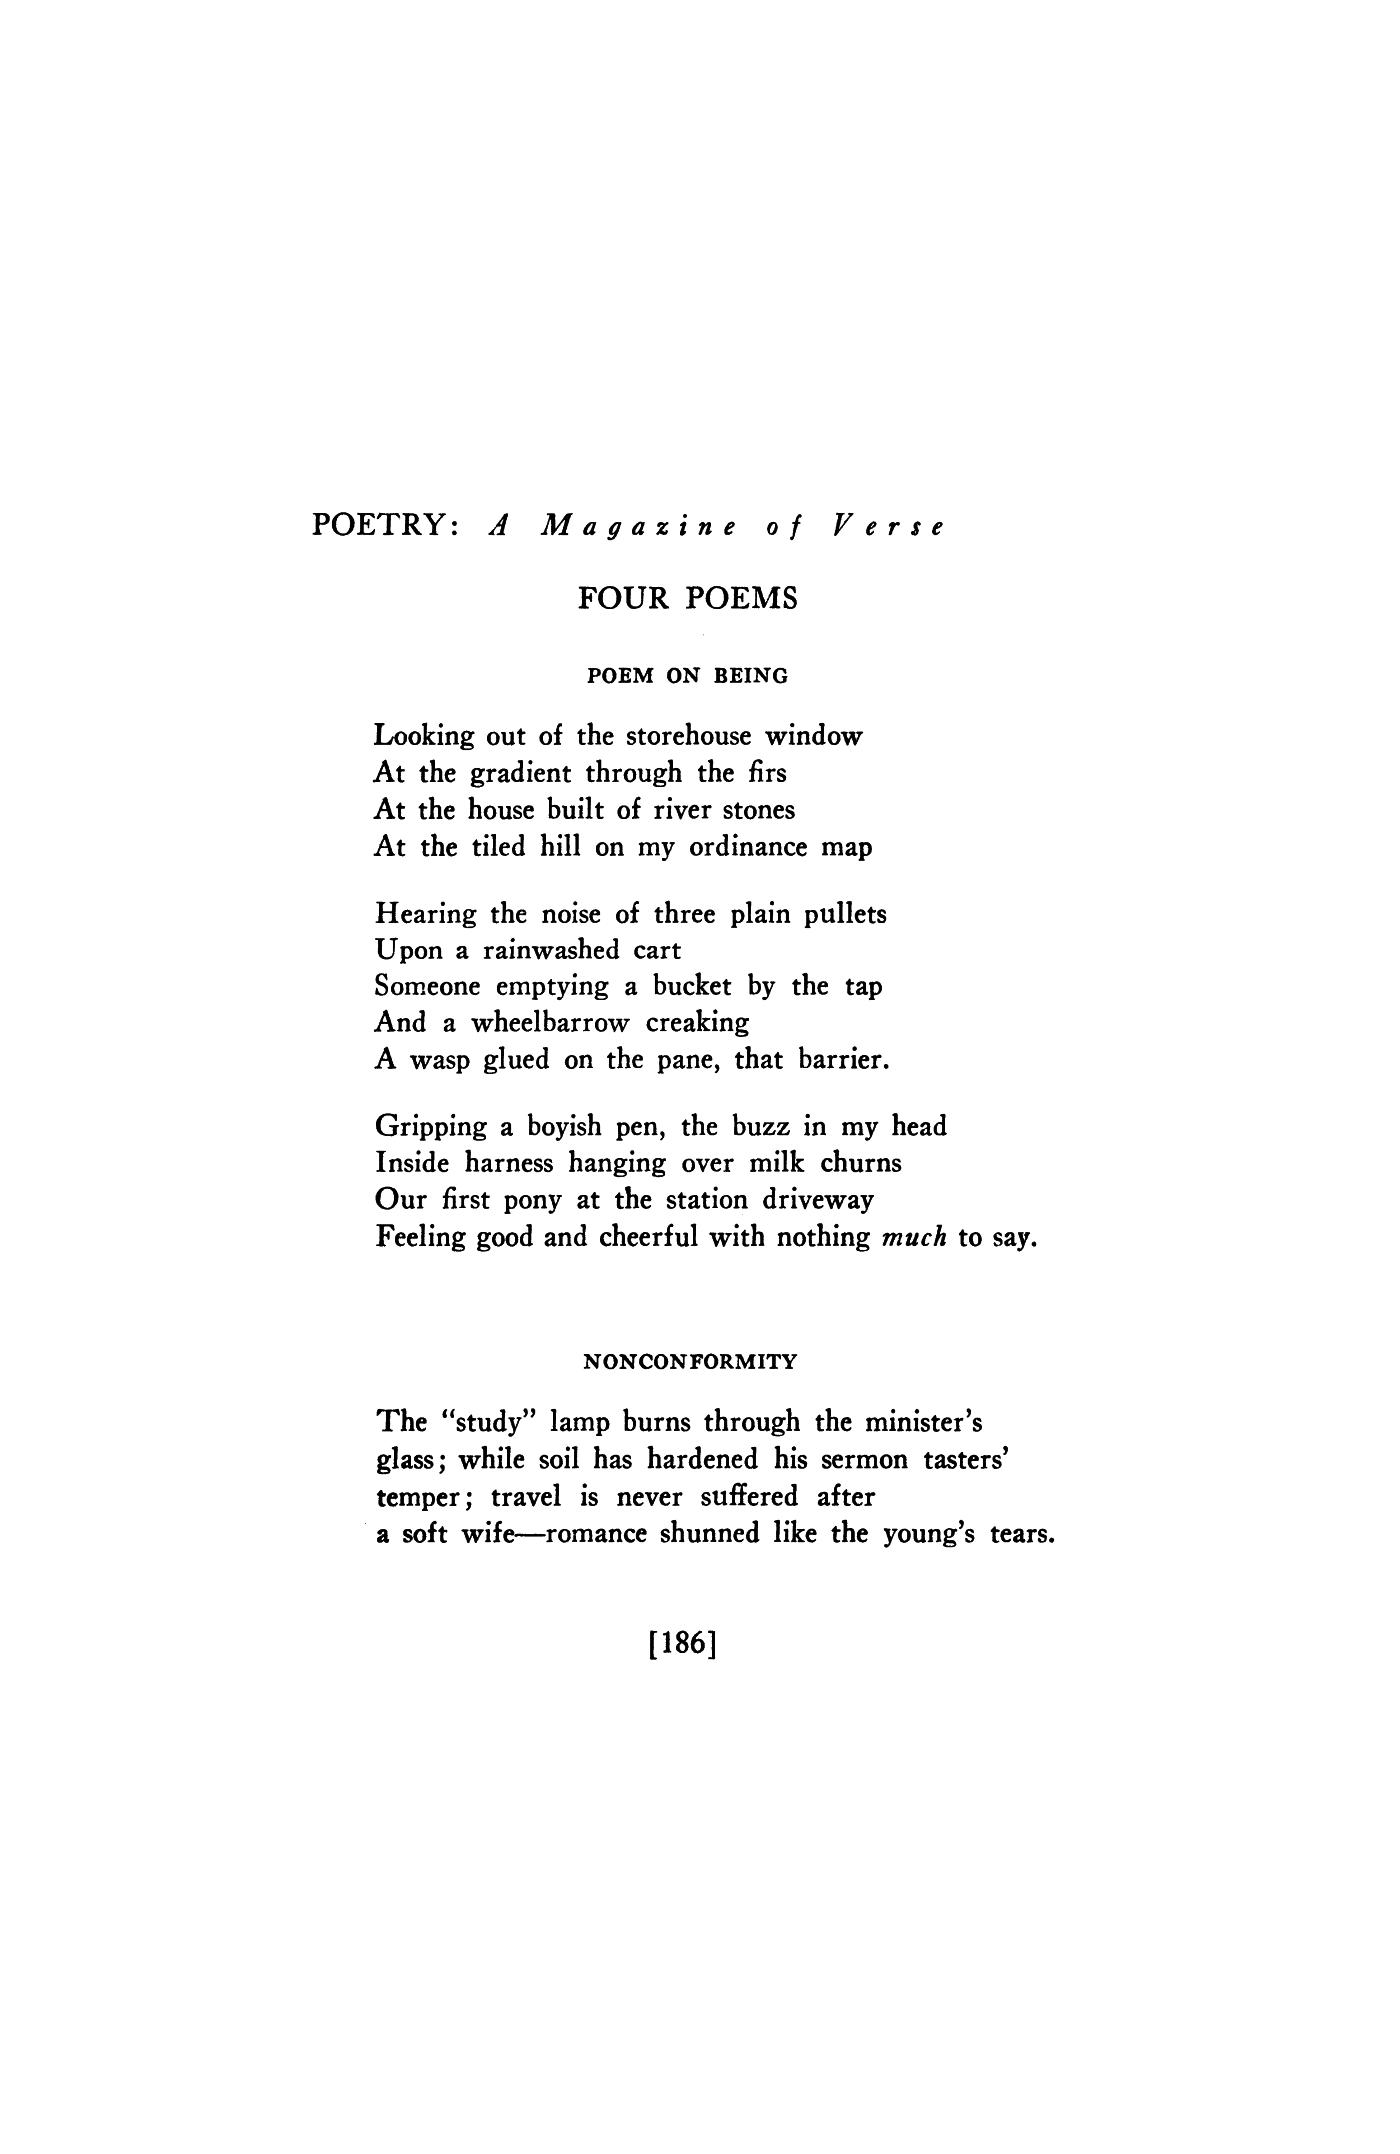 Poem On Being By Keidrych Rhys Nonconformity By Keidrych Rhys